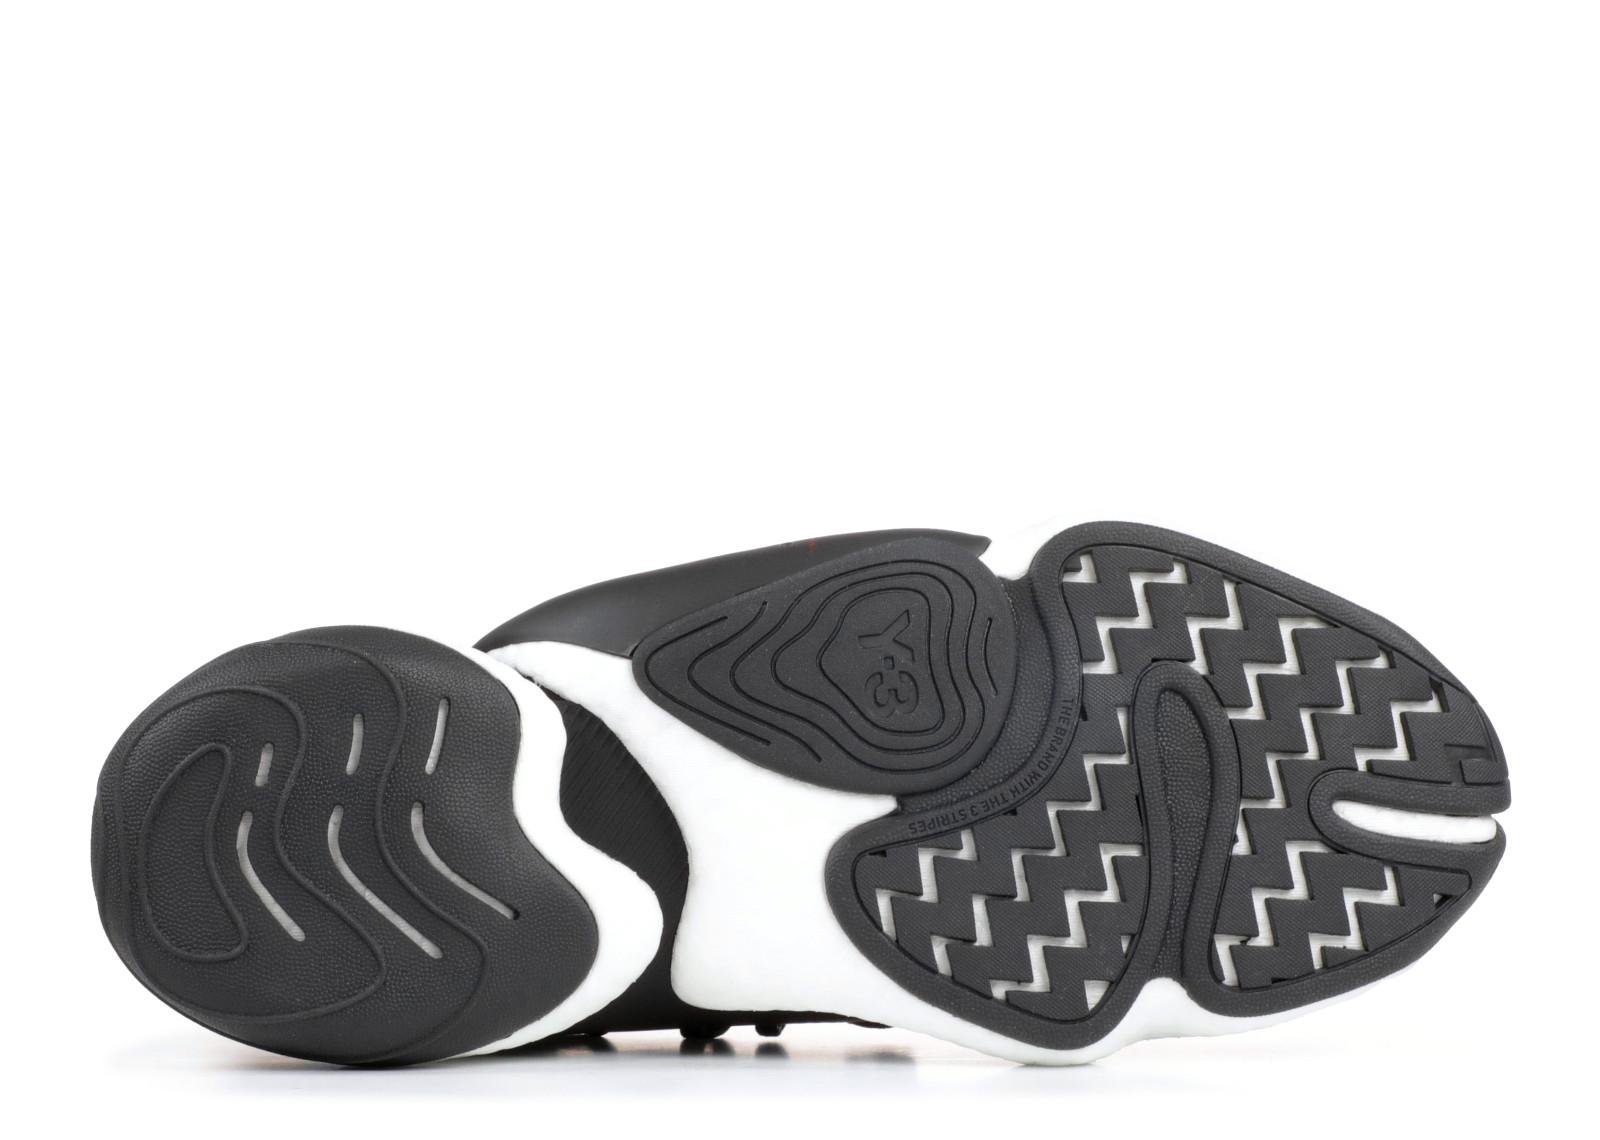 2b00beb2d97 adidas Y-3 BYW Harden Black White - 4